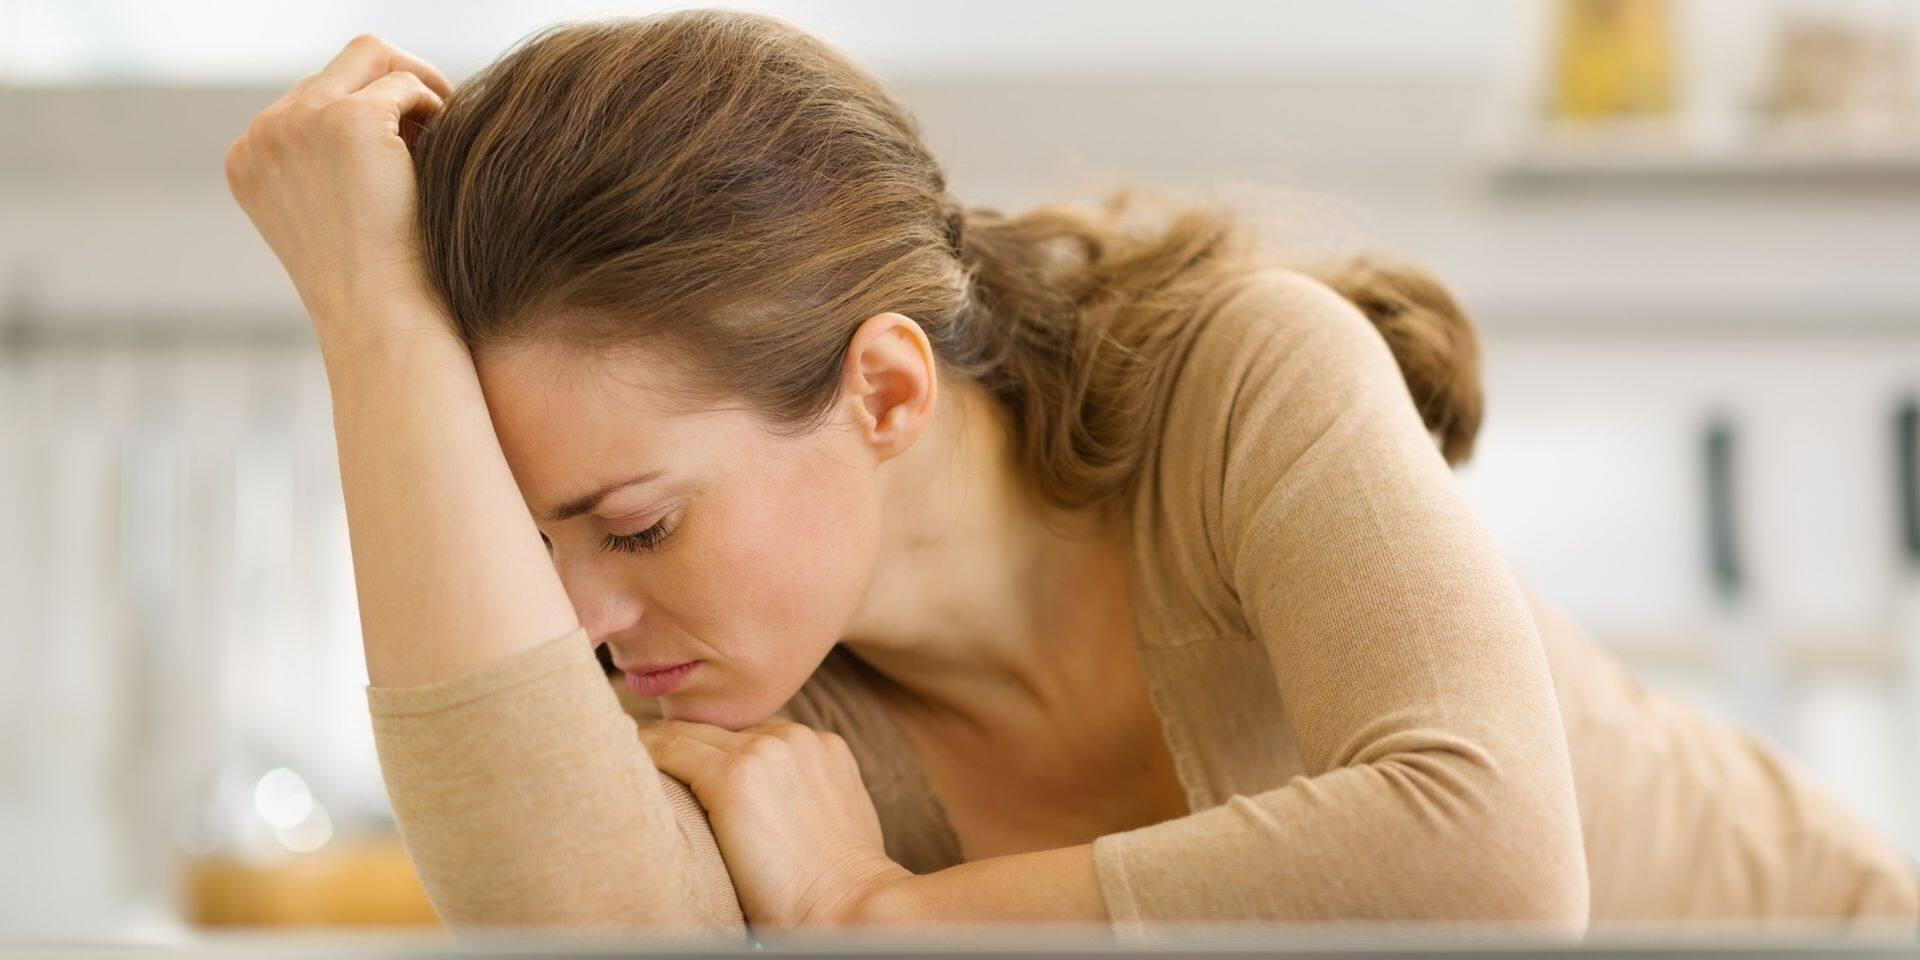 La sexualité des femmes avec un handicap systématiquement niée, dénonce une ASBL